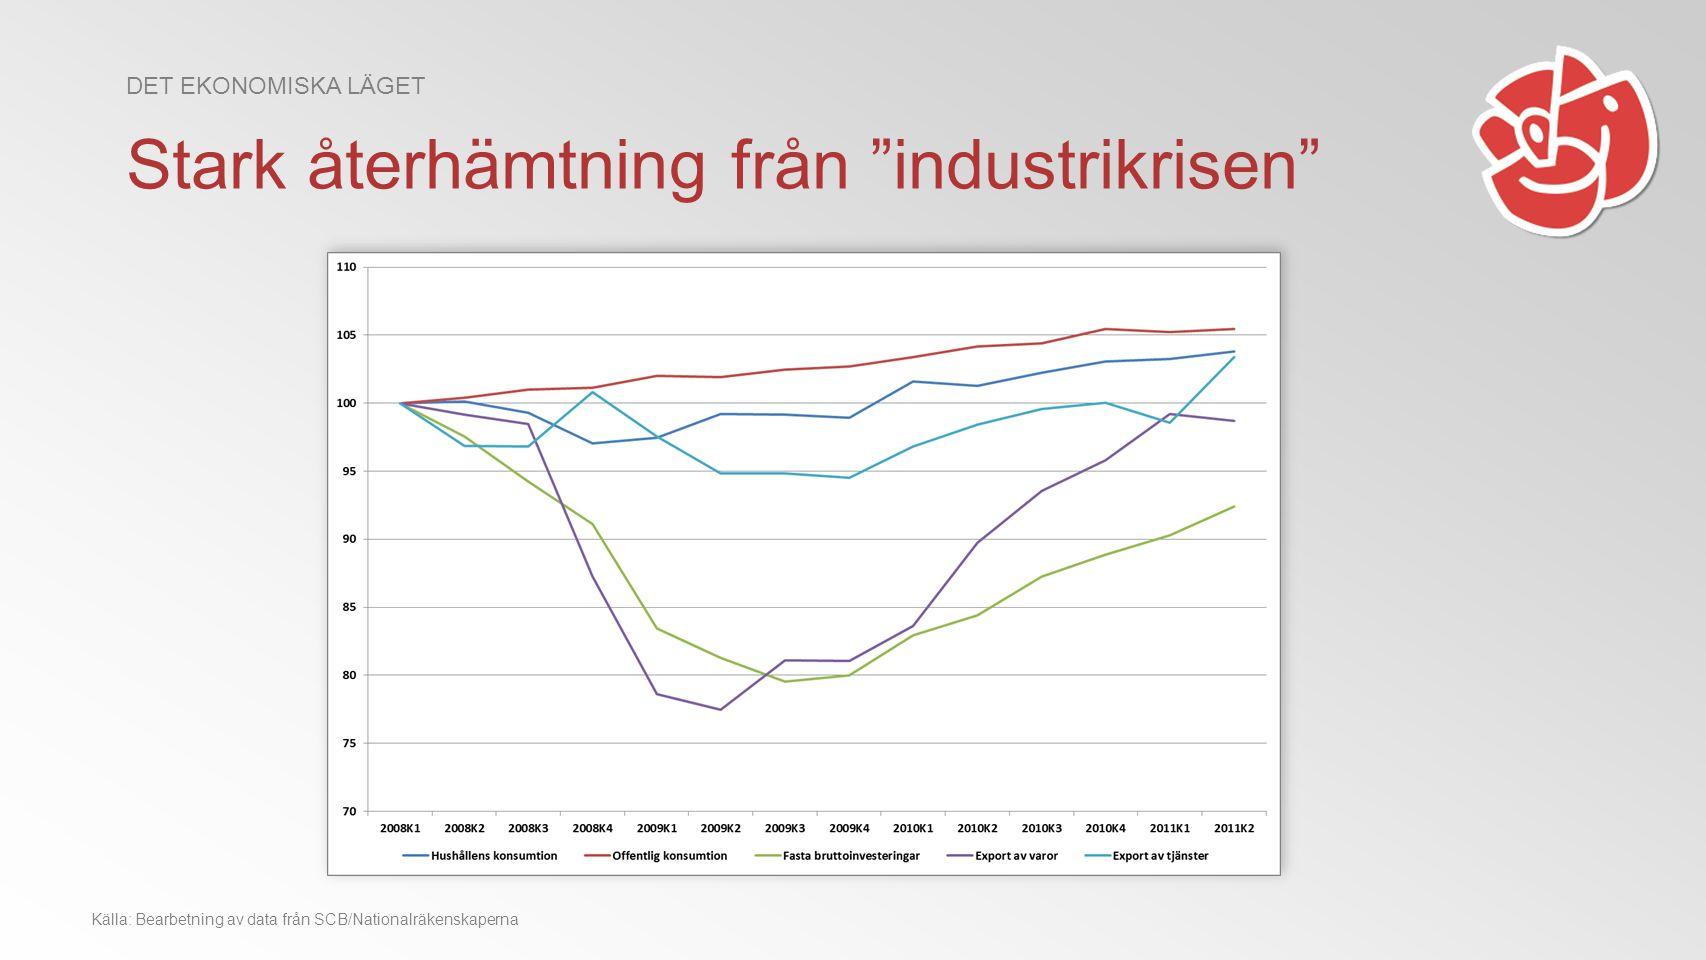 Källa: Bearbetning av data från SCB/Nationalräkenskaperna Stark återhämtning från industrikrisen DET EKONOMISKA LÄGET